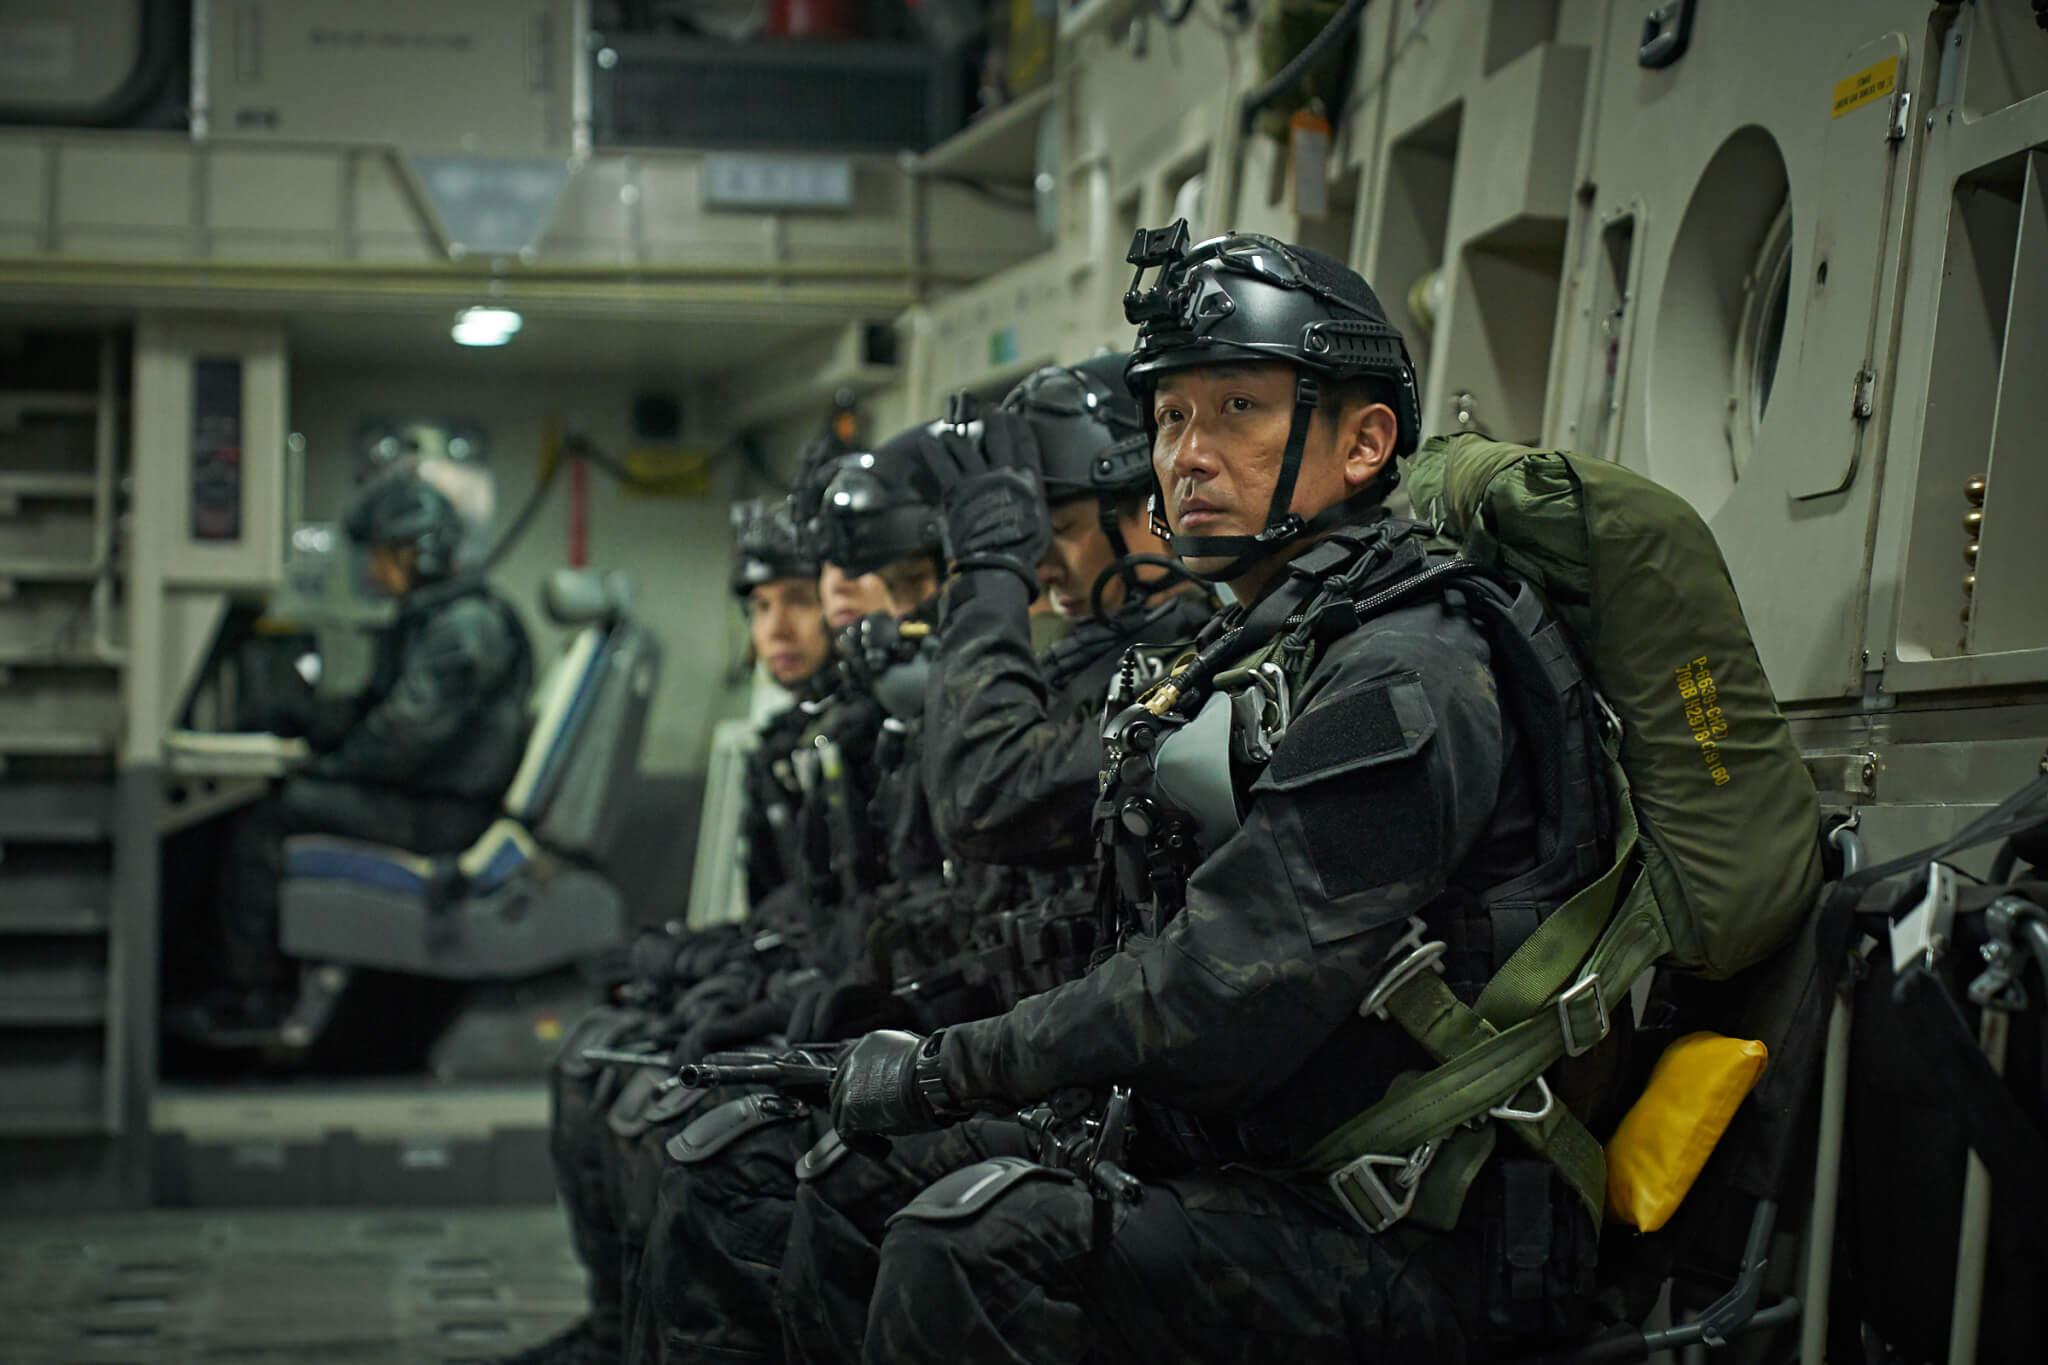 河正宇在戲中飾演軍隊爆破隊大尉,臨退役受命到北韓完成艱鉅任務。負責為其小隊戰鬥、掩護的另一組要員更全員殉職,河正宇需臨時擔起所有任務。